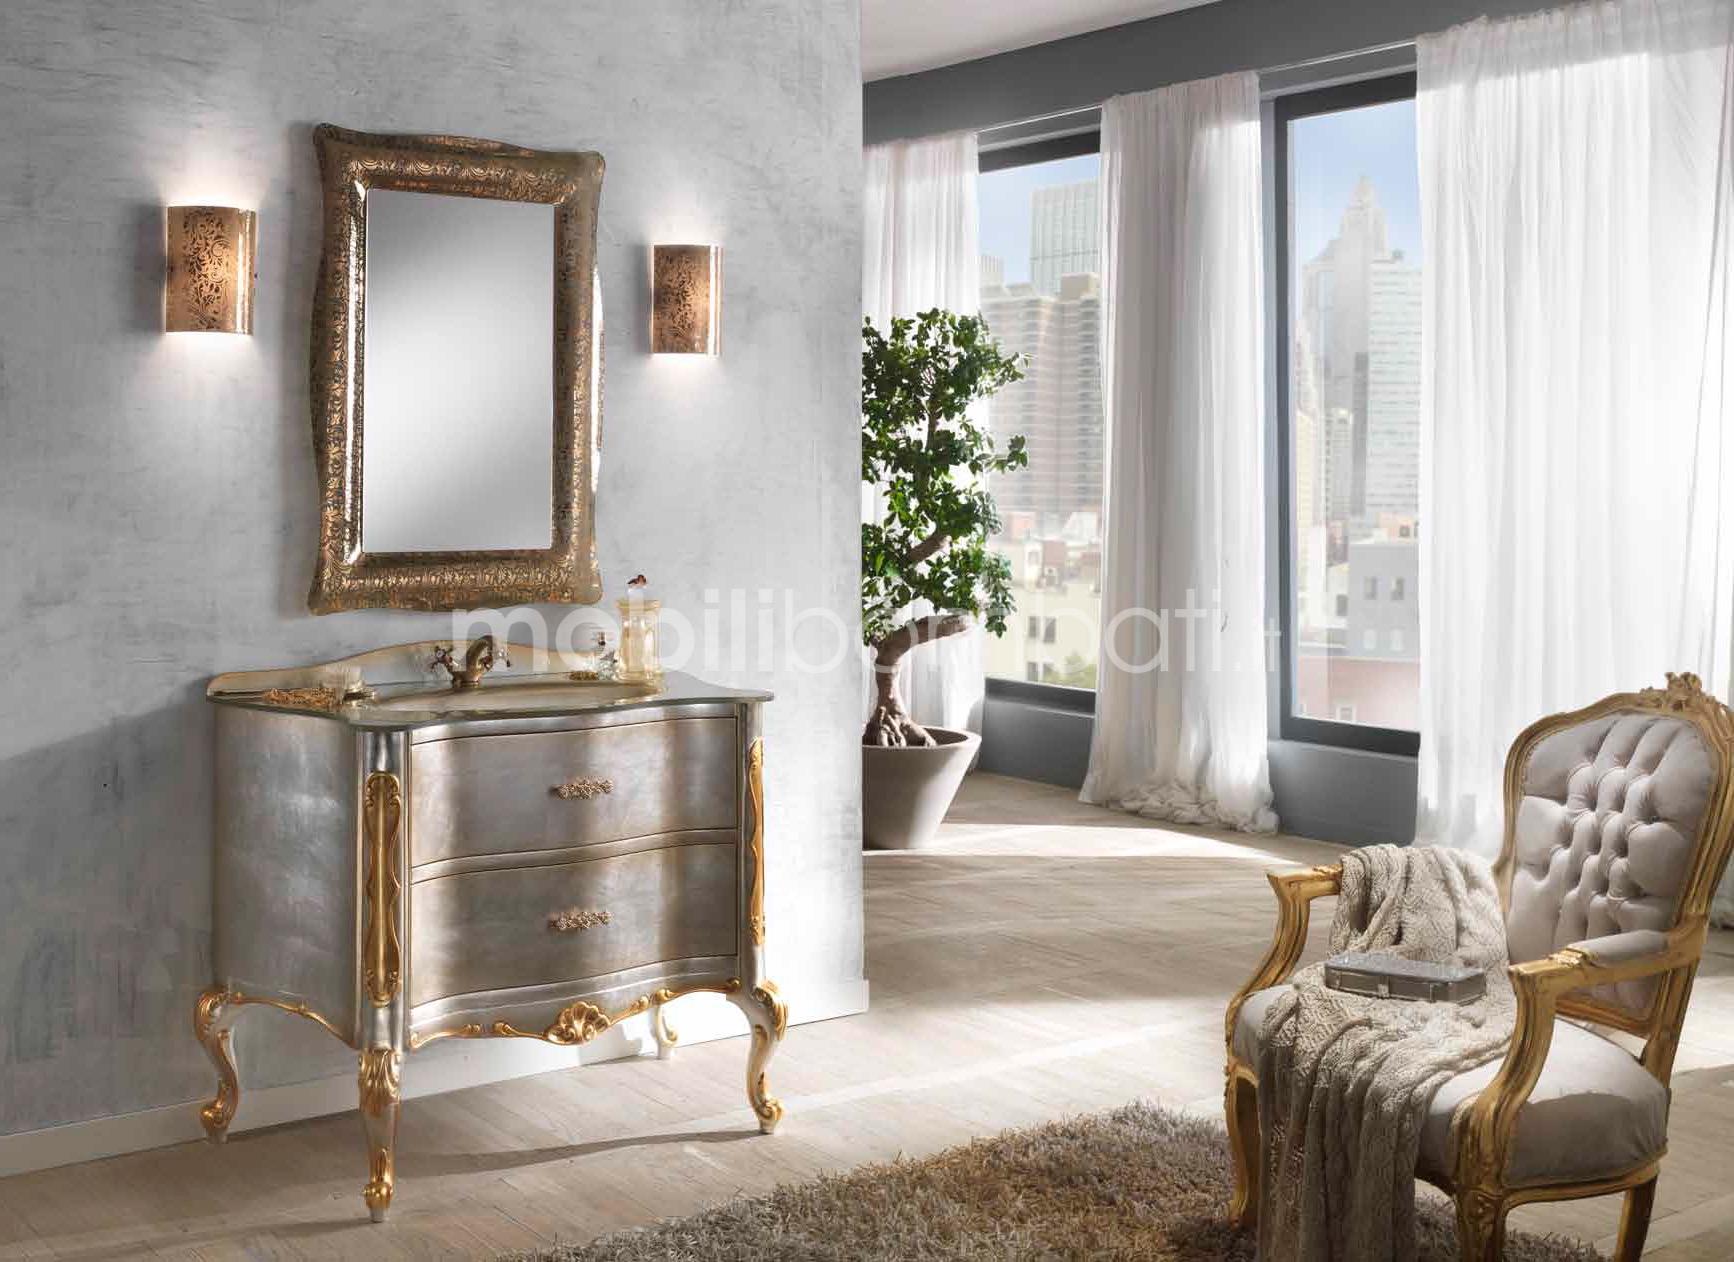 Mobile bagno stile barocchetto veneziano gli originali su - Mobile bombato bagno ...